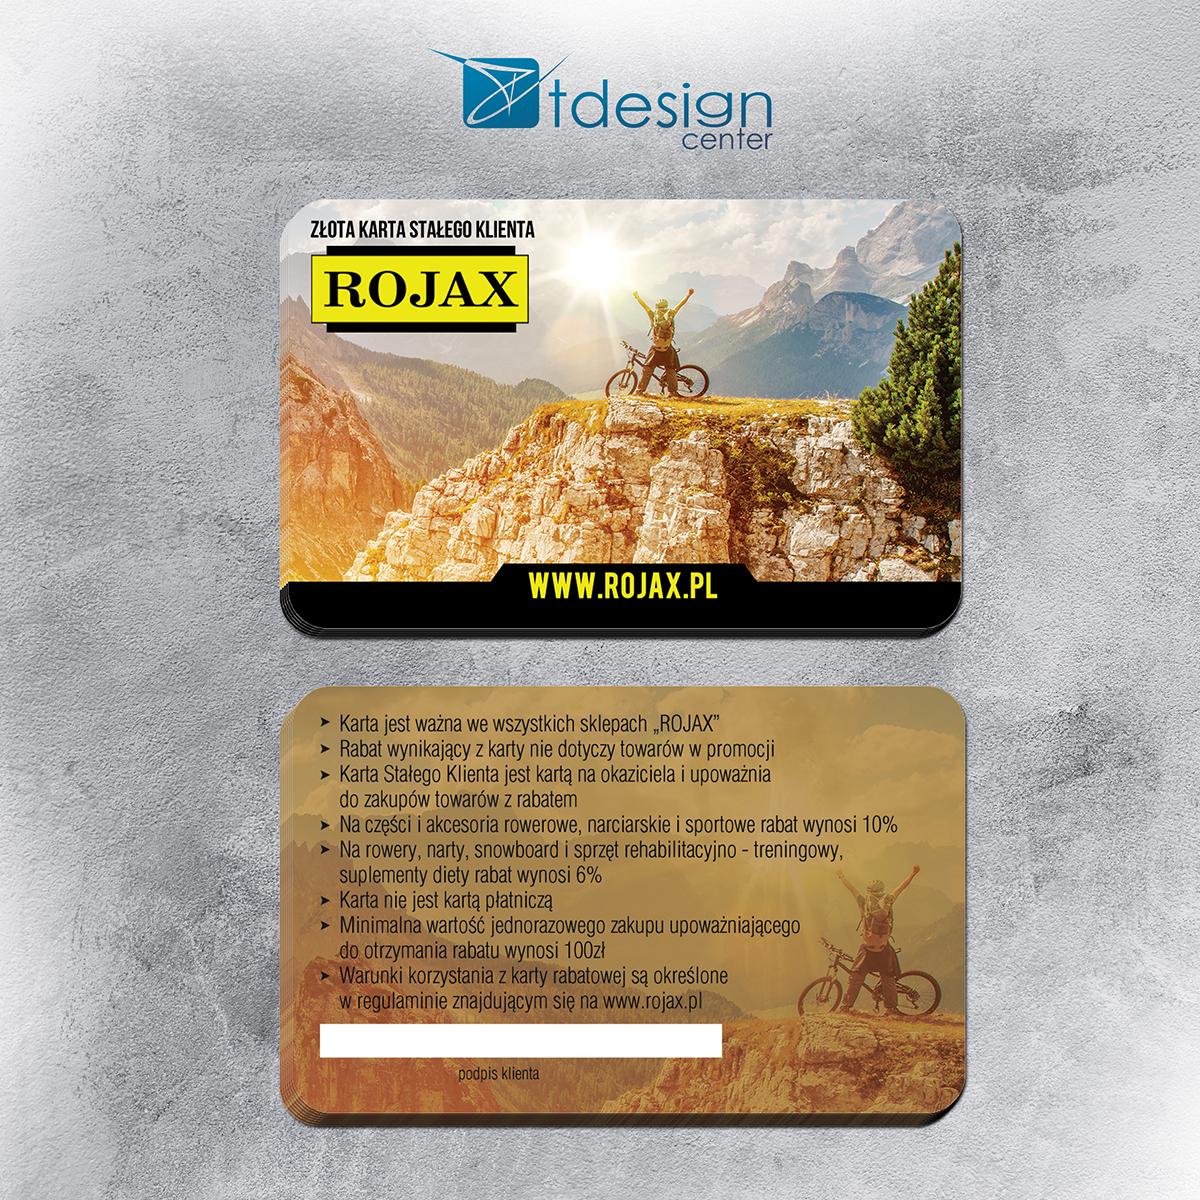 Karty plastikowe 85x54mm - projekt + druk - realizacja dla firmy Rojax